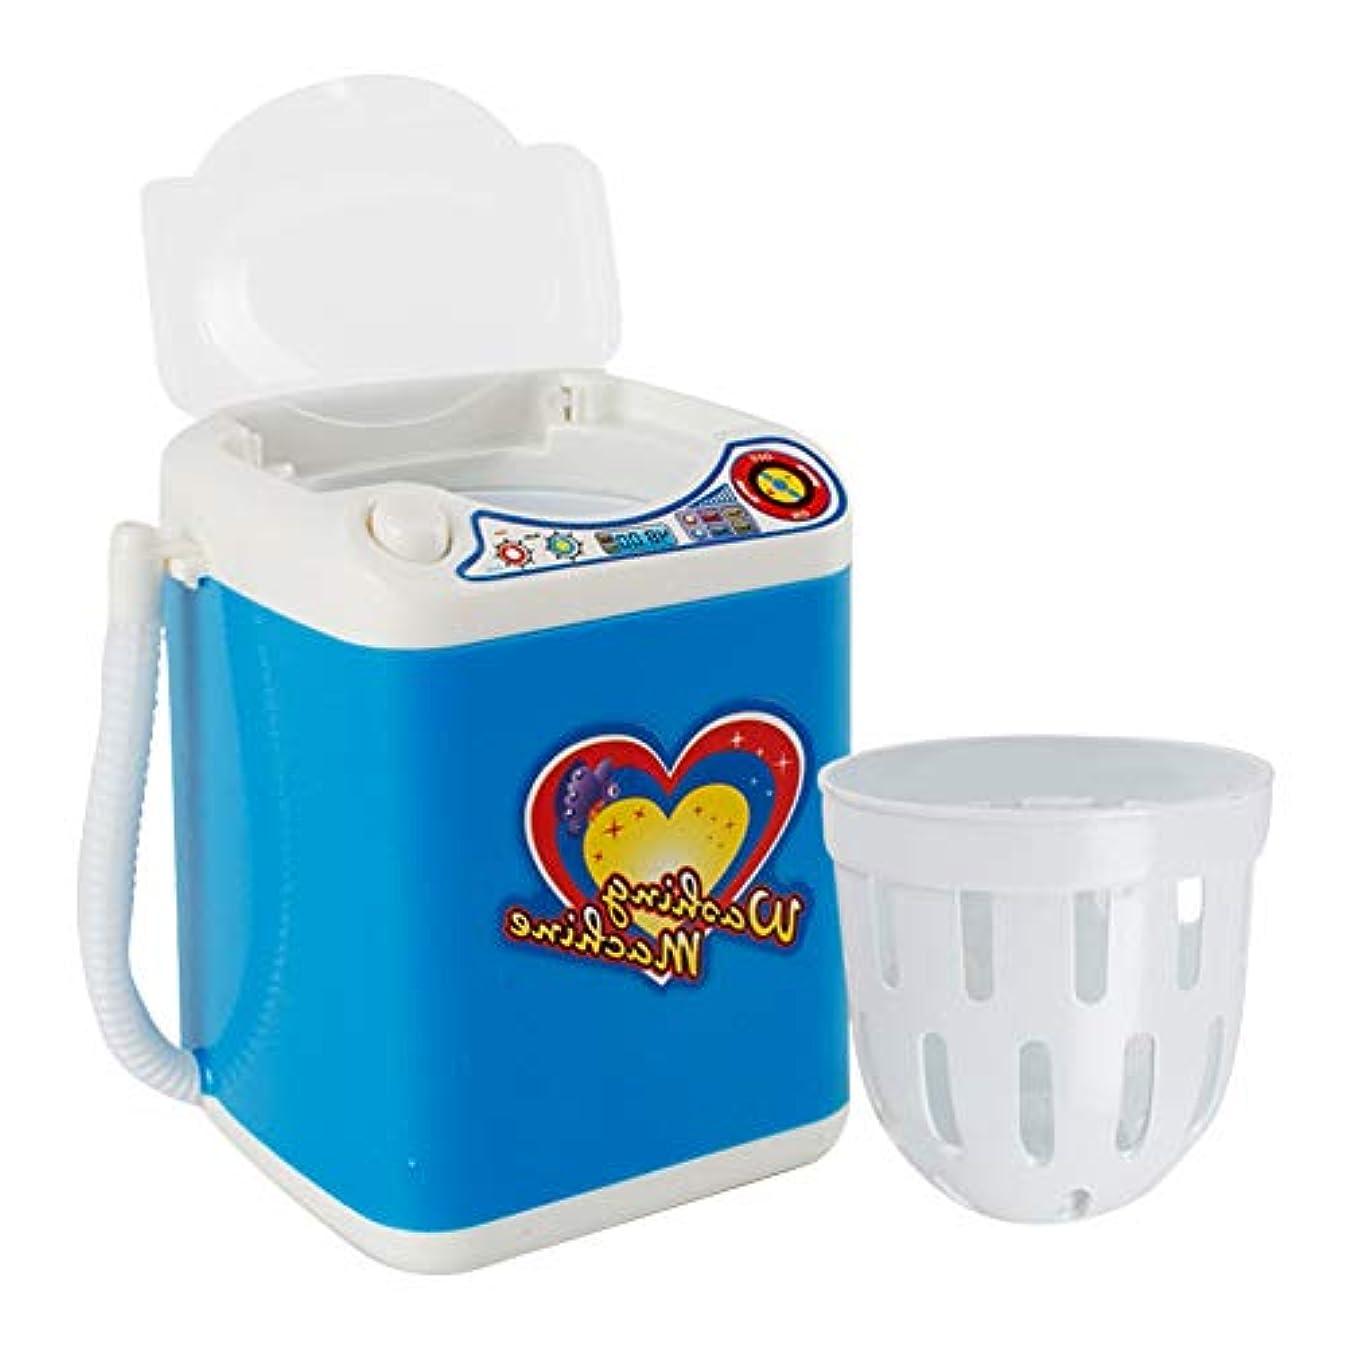 感嘆符適用する請求洗濯機丈夫なクリーニング子供家具玩具ポータブル自動回転ミニ電気ふりプレイ電池式ランドリー排水バスケット化粧ブラシ(ブルー)